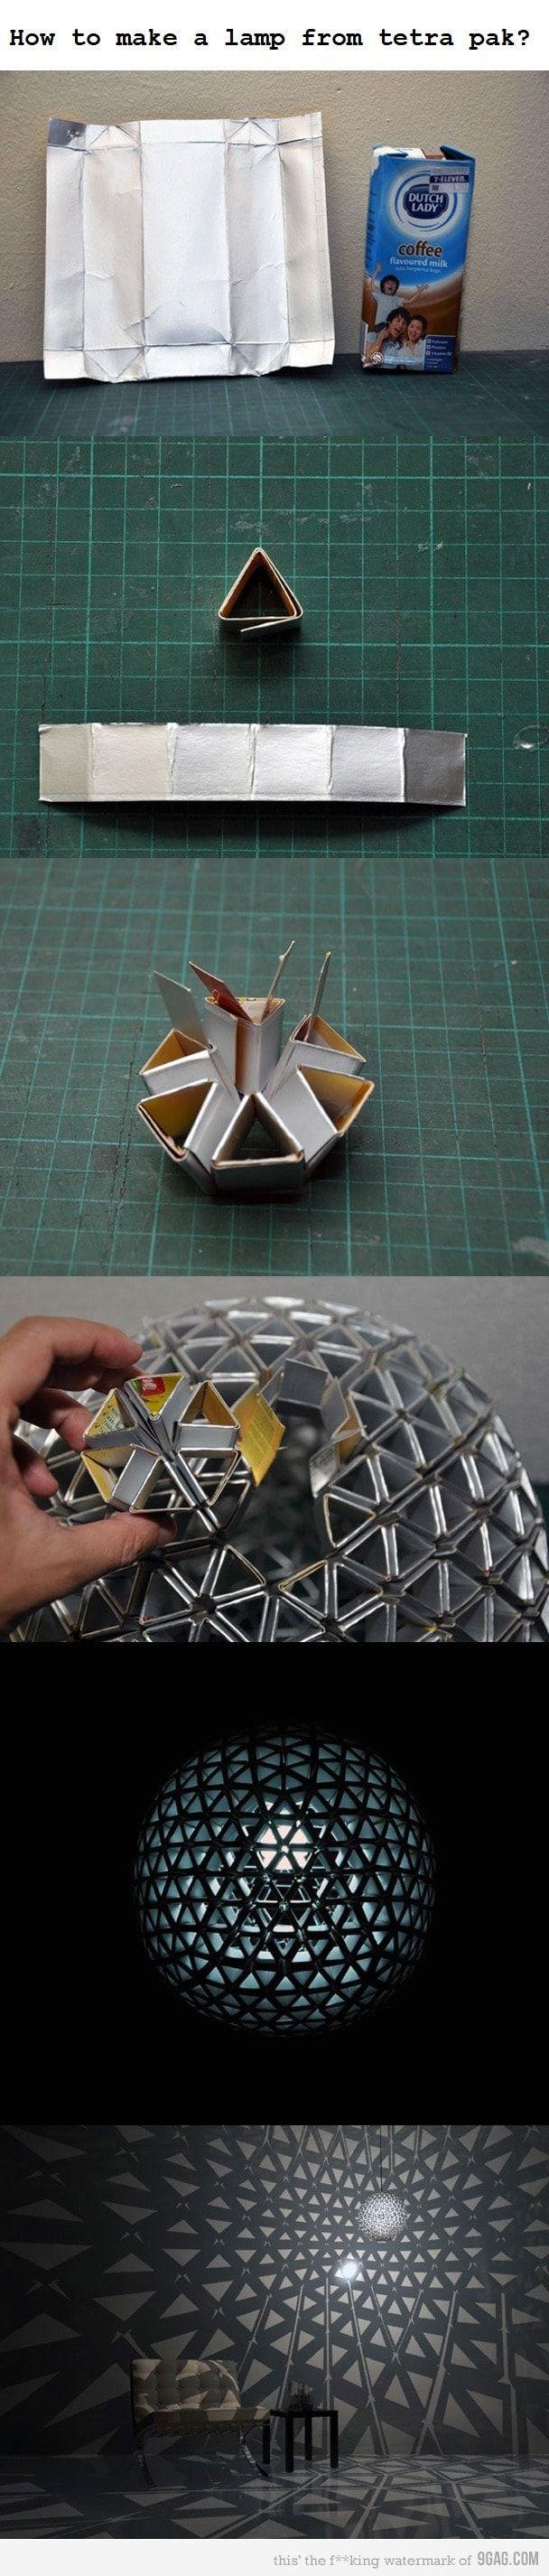 Edward Chew, designer australiano, é mais um profissionais que mostra não só o potencial da reutilização dos materiais como do origami (tenho dito que as pessoas subestimam essa arte milenar!) Visto no Inhabitat Compartilhe: